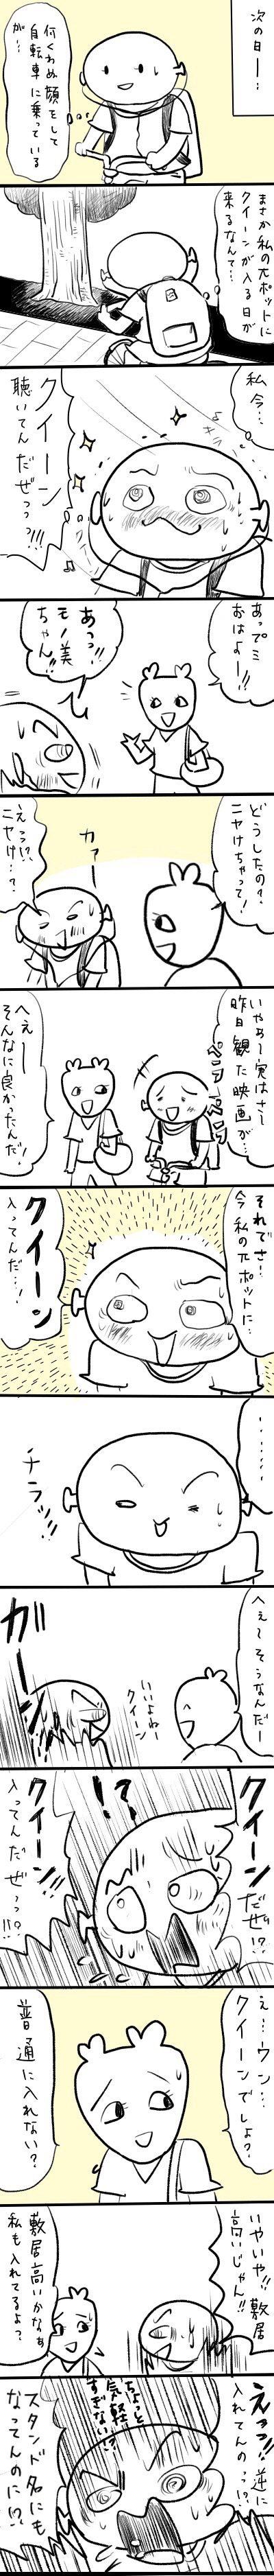 「プミちゃん。ボヘミアン・ラプソディを観にゆく」の漫画画像